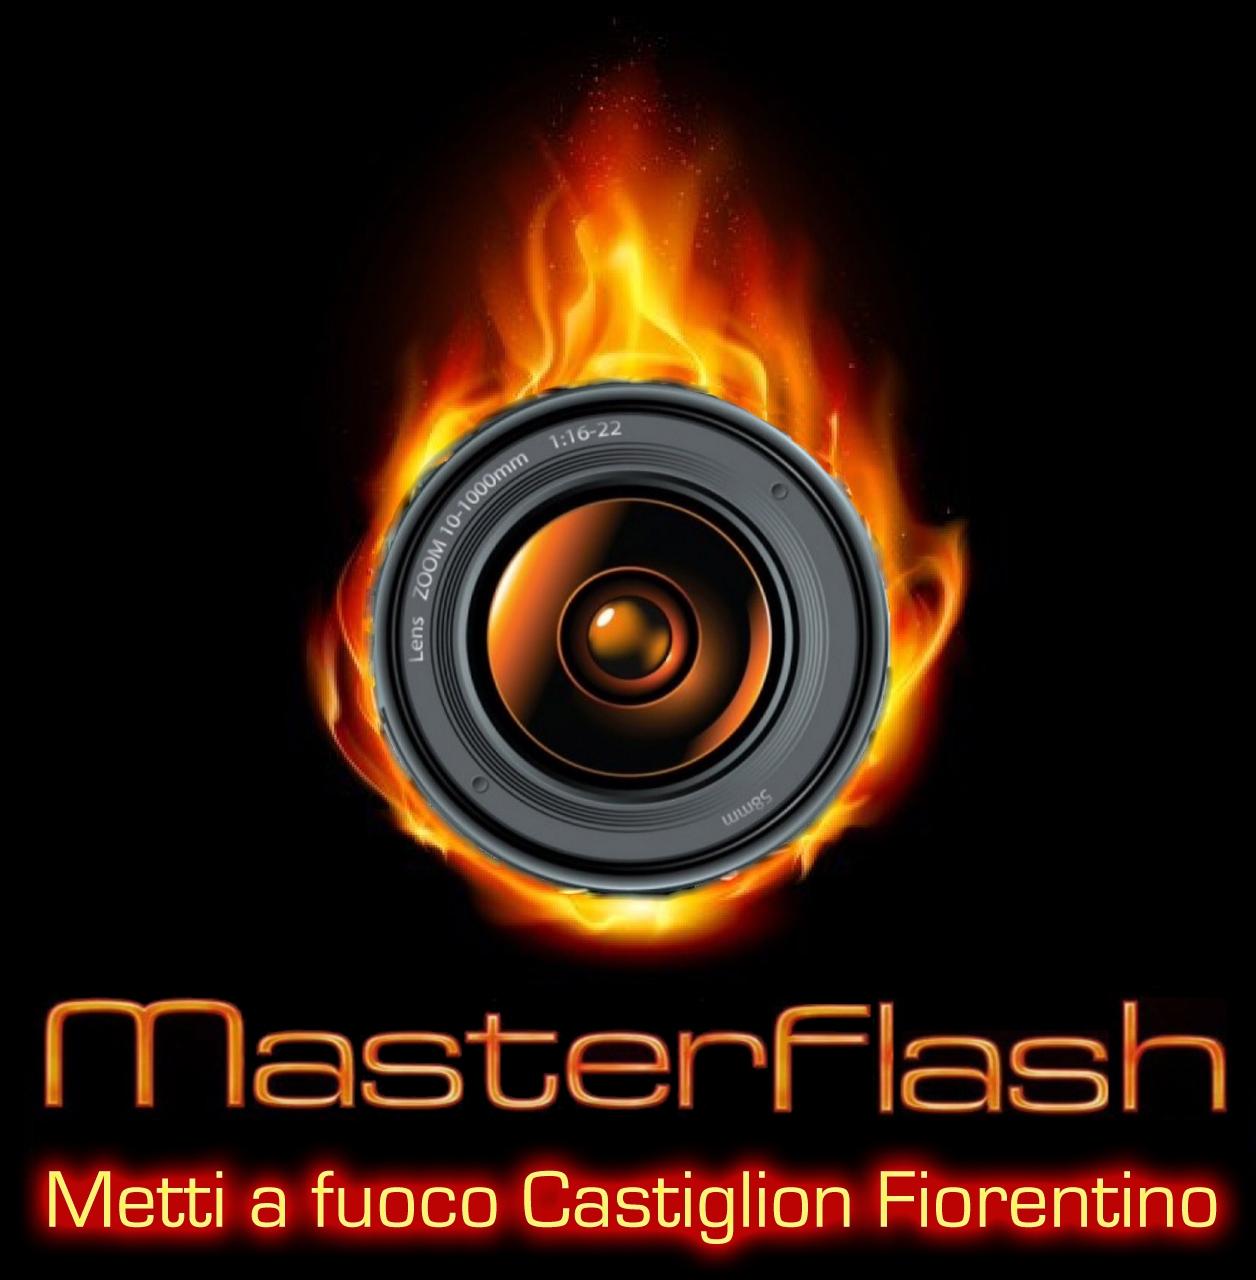 Castiglion Fiorentino: Si aggiungono nuove collaborazioni per 'MasterFlash'